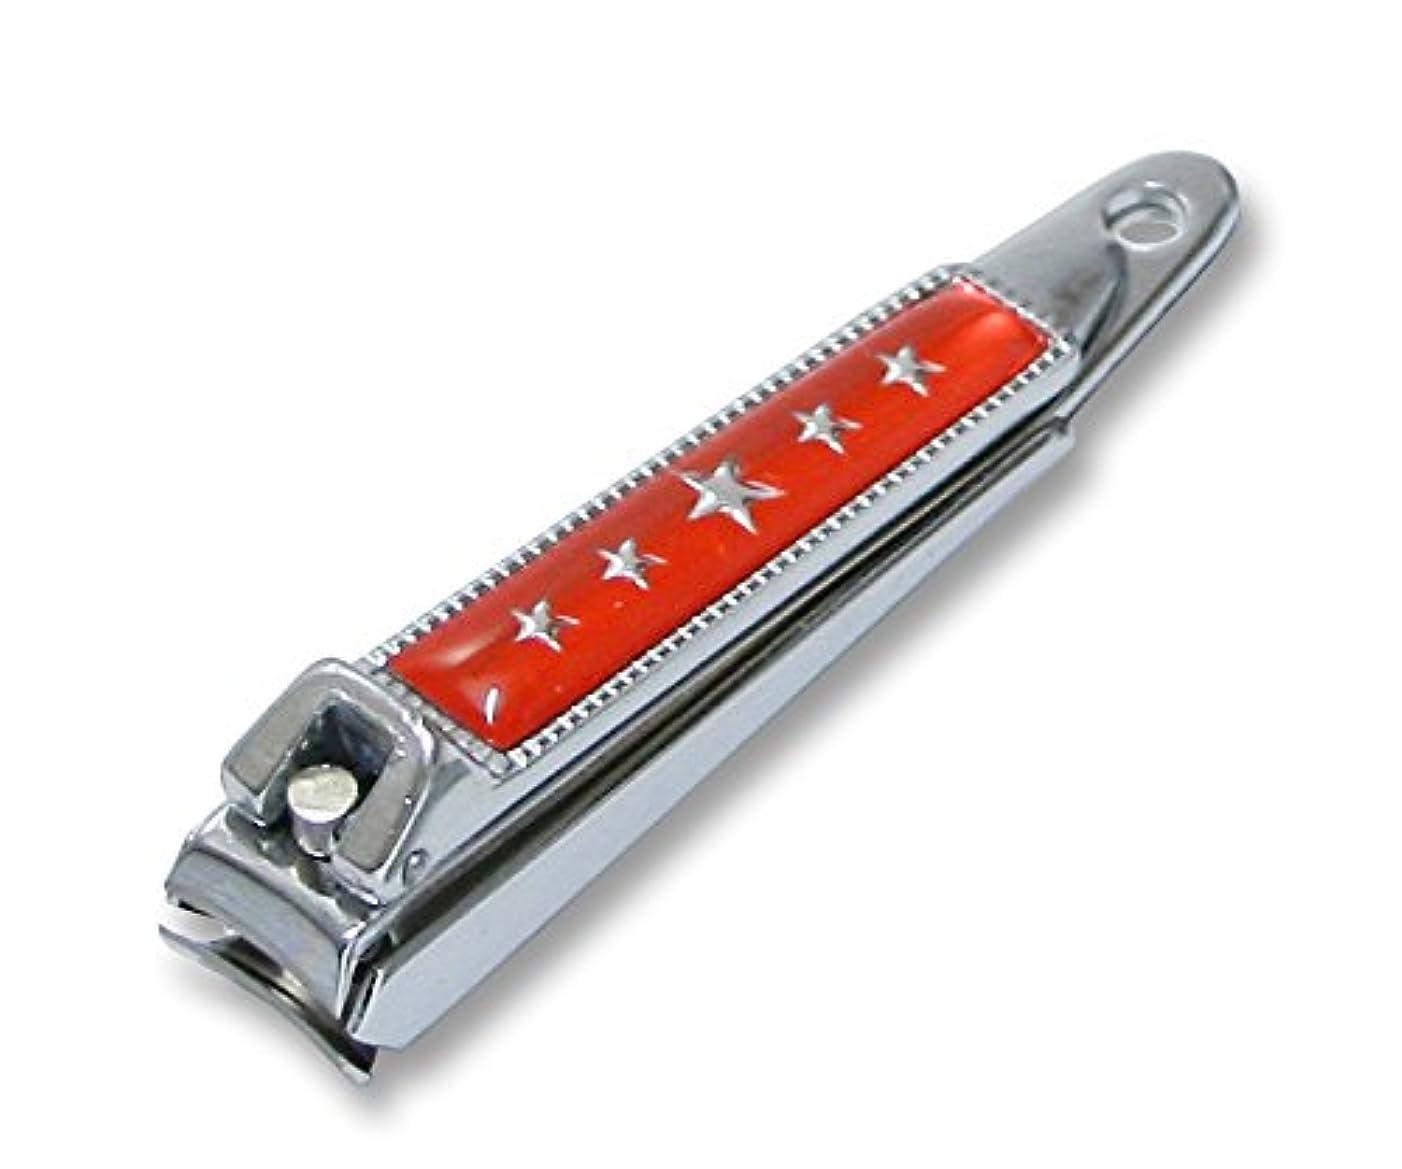 ナチュラルセットアップキャンベラKC-052RD 関の刃物 関兼常 チラーヌ爪切 小 赤